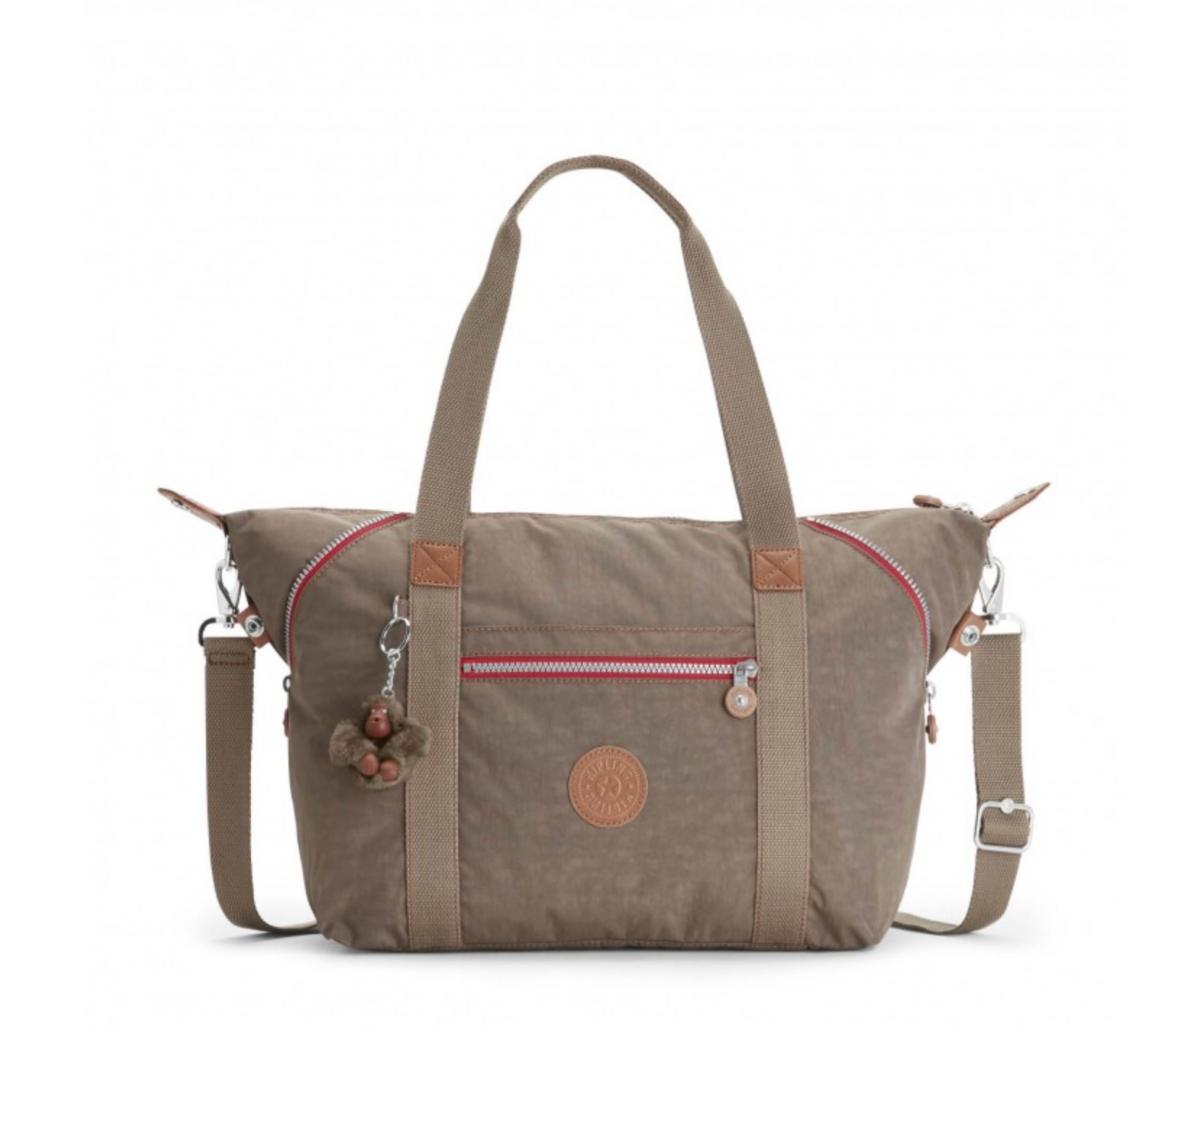 Kipling Art Large Travel Tote and Shoulder Bag True Beige C fe0ebc7c3130d